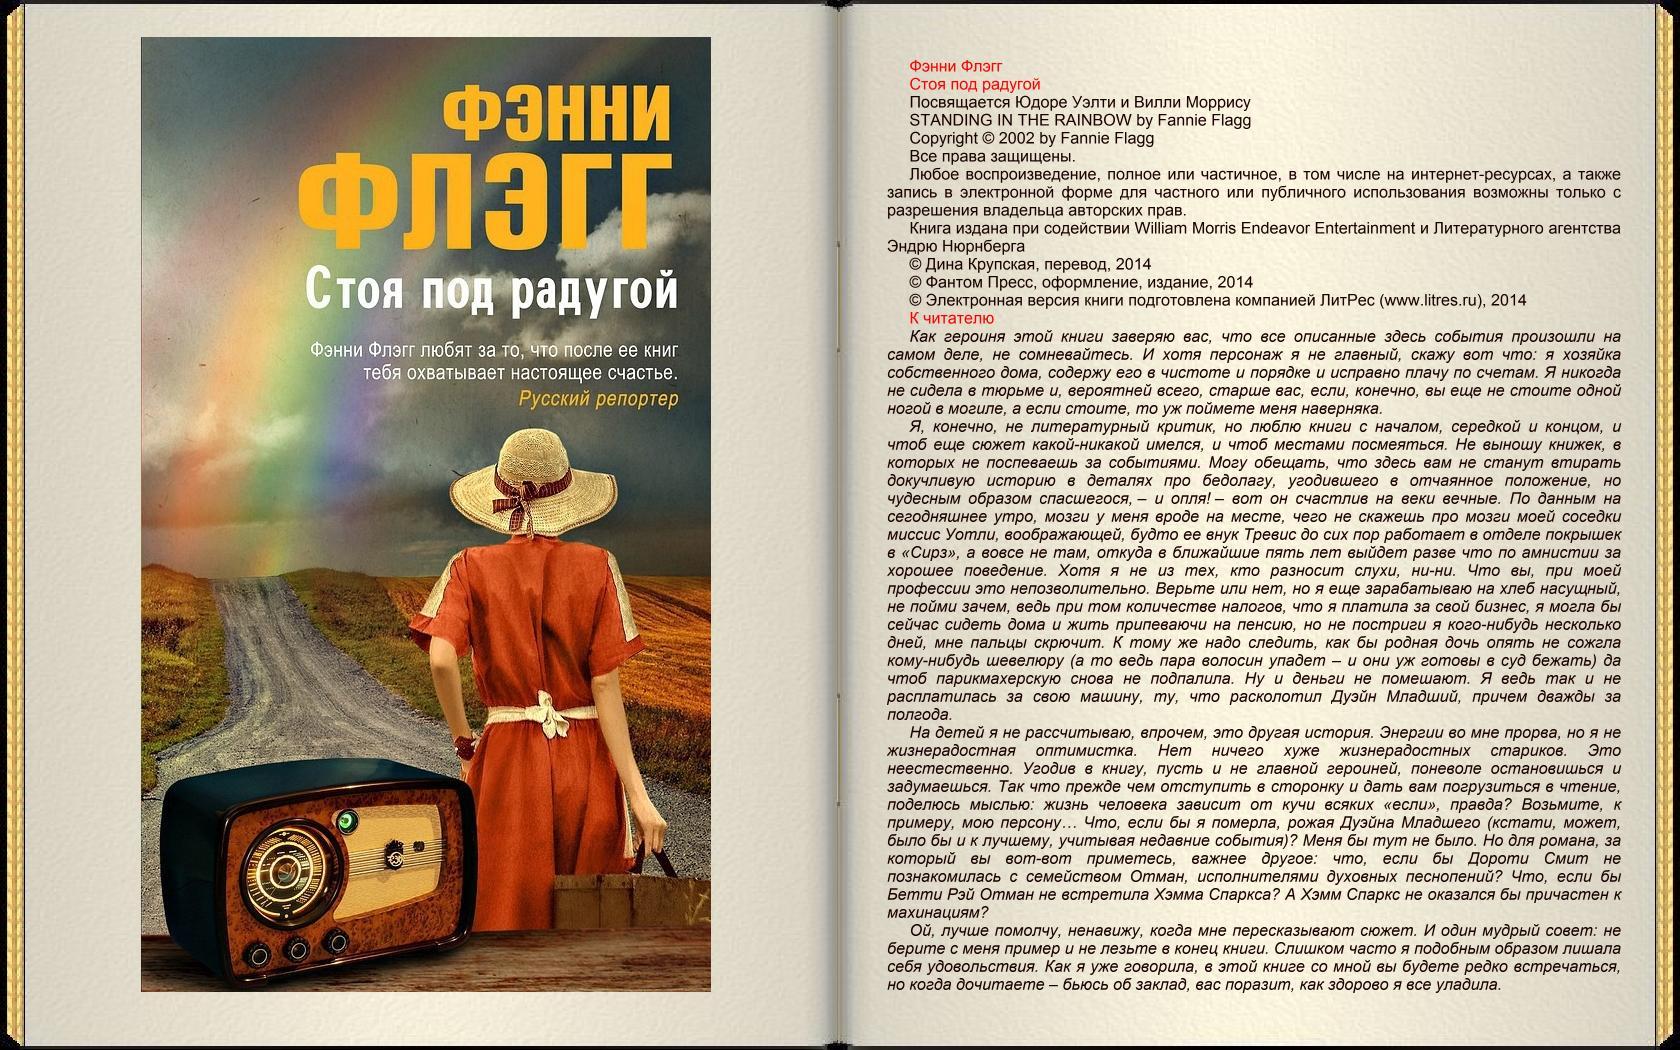 http://i5.imageban.ru/out/2016/01/25/4e809846031e68d9c61658f20e41cc44.jpg